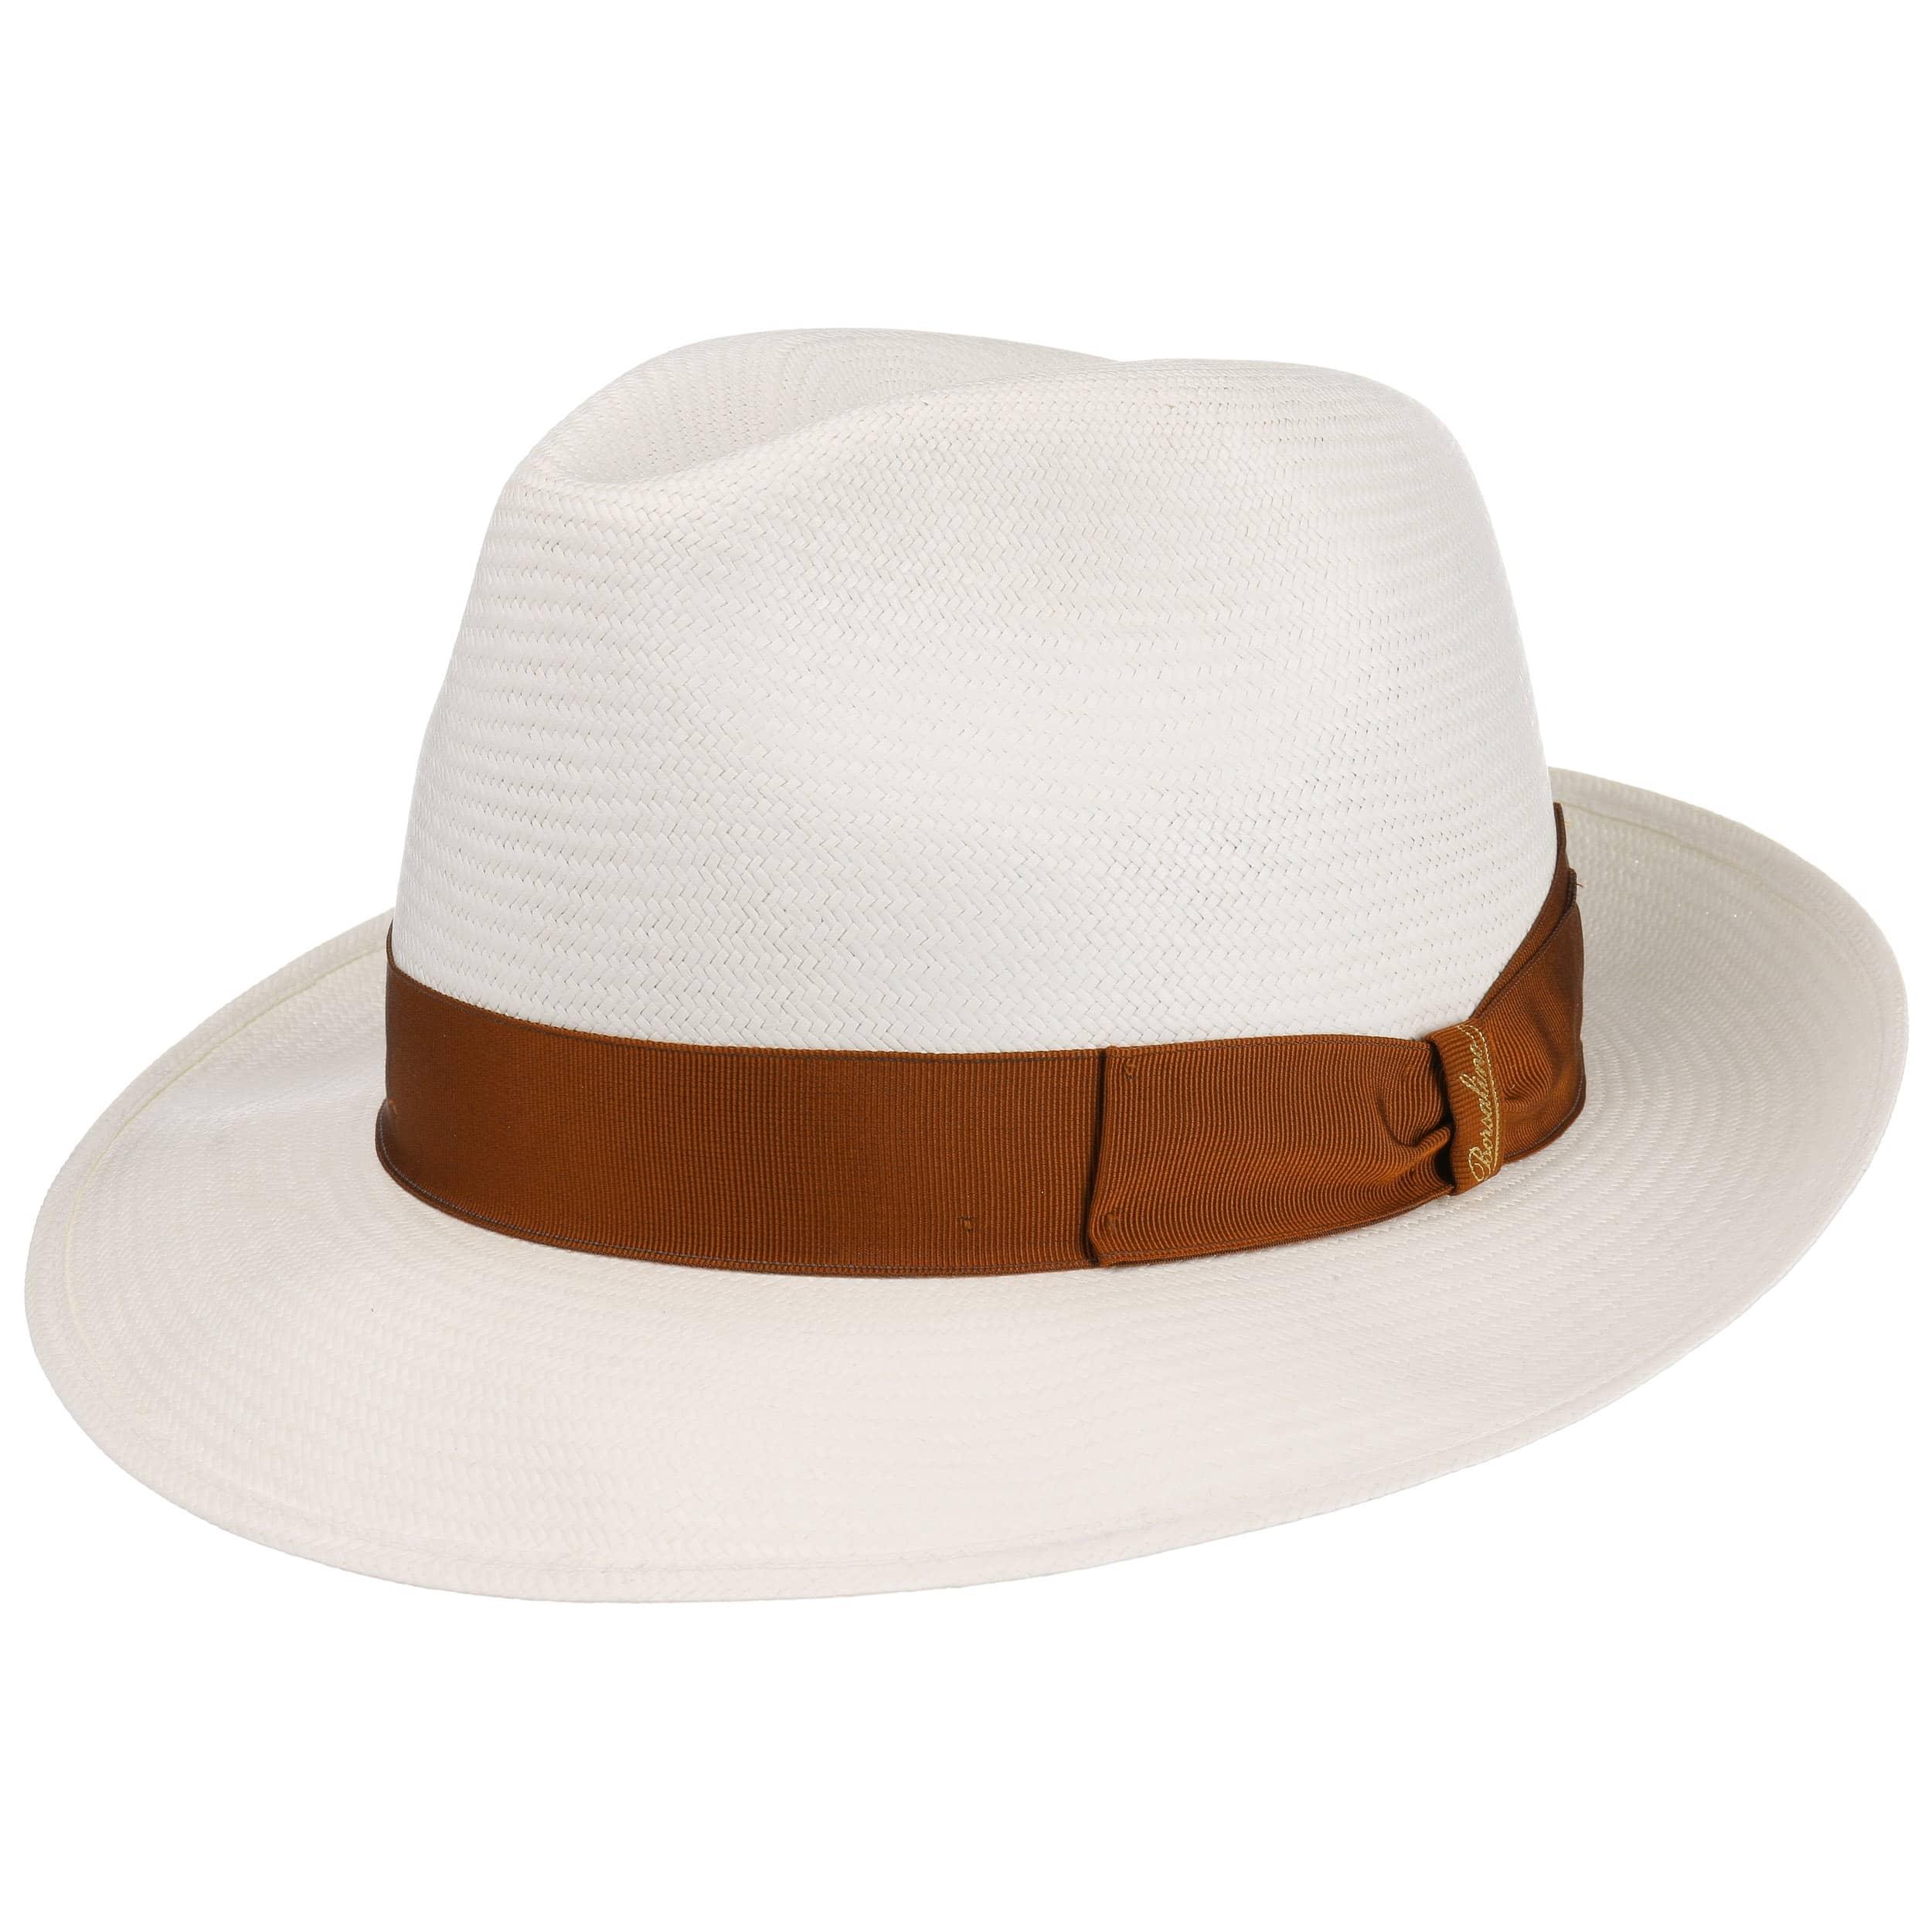 Sombrero Panamá Brown Small by Borsalino - Sombreros - sombreroshop.es e99151bd97b